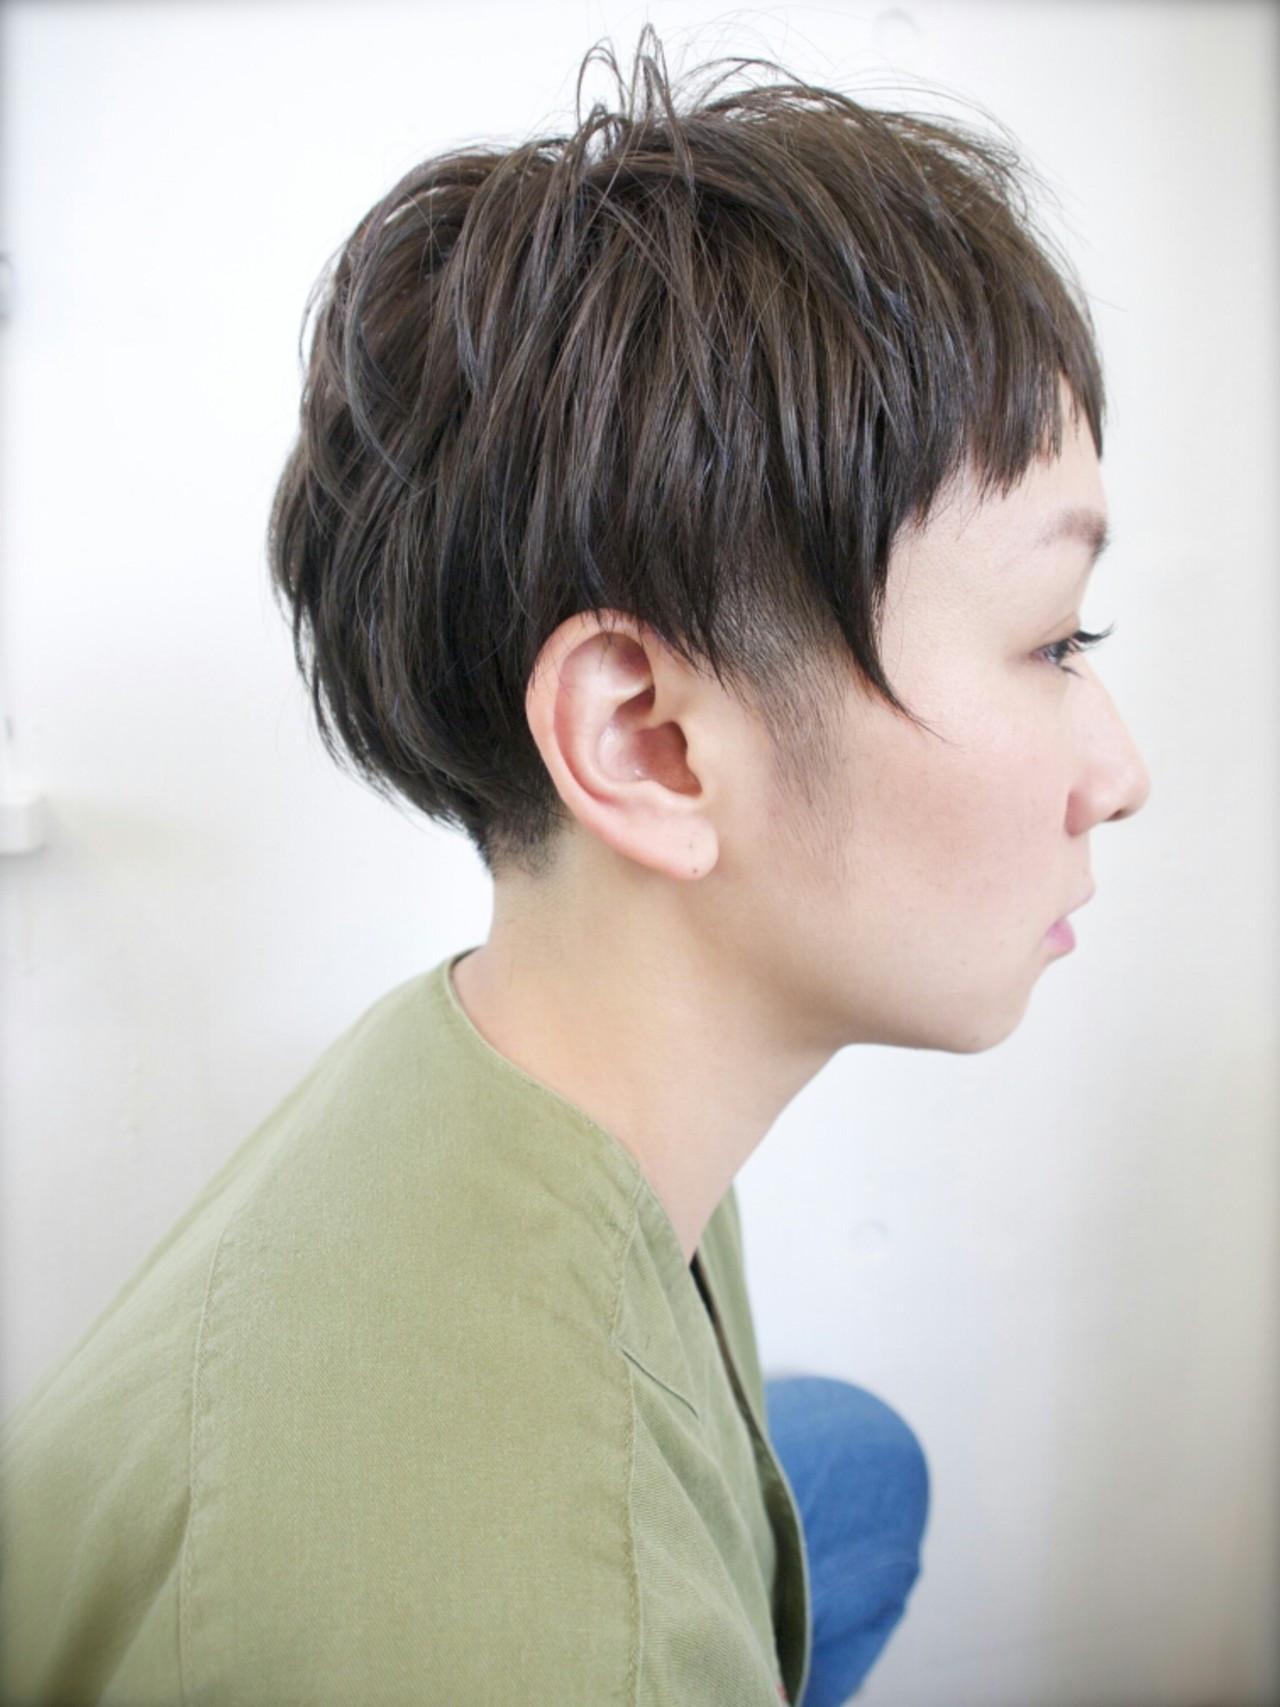 ハイライト ショート 前髪あり アッシュ ヘアスタイルや髪型の写真・画像